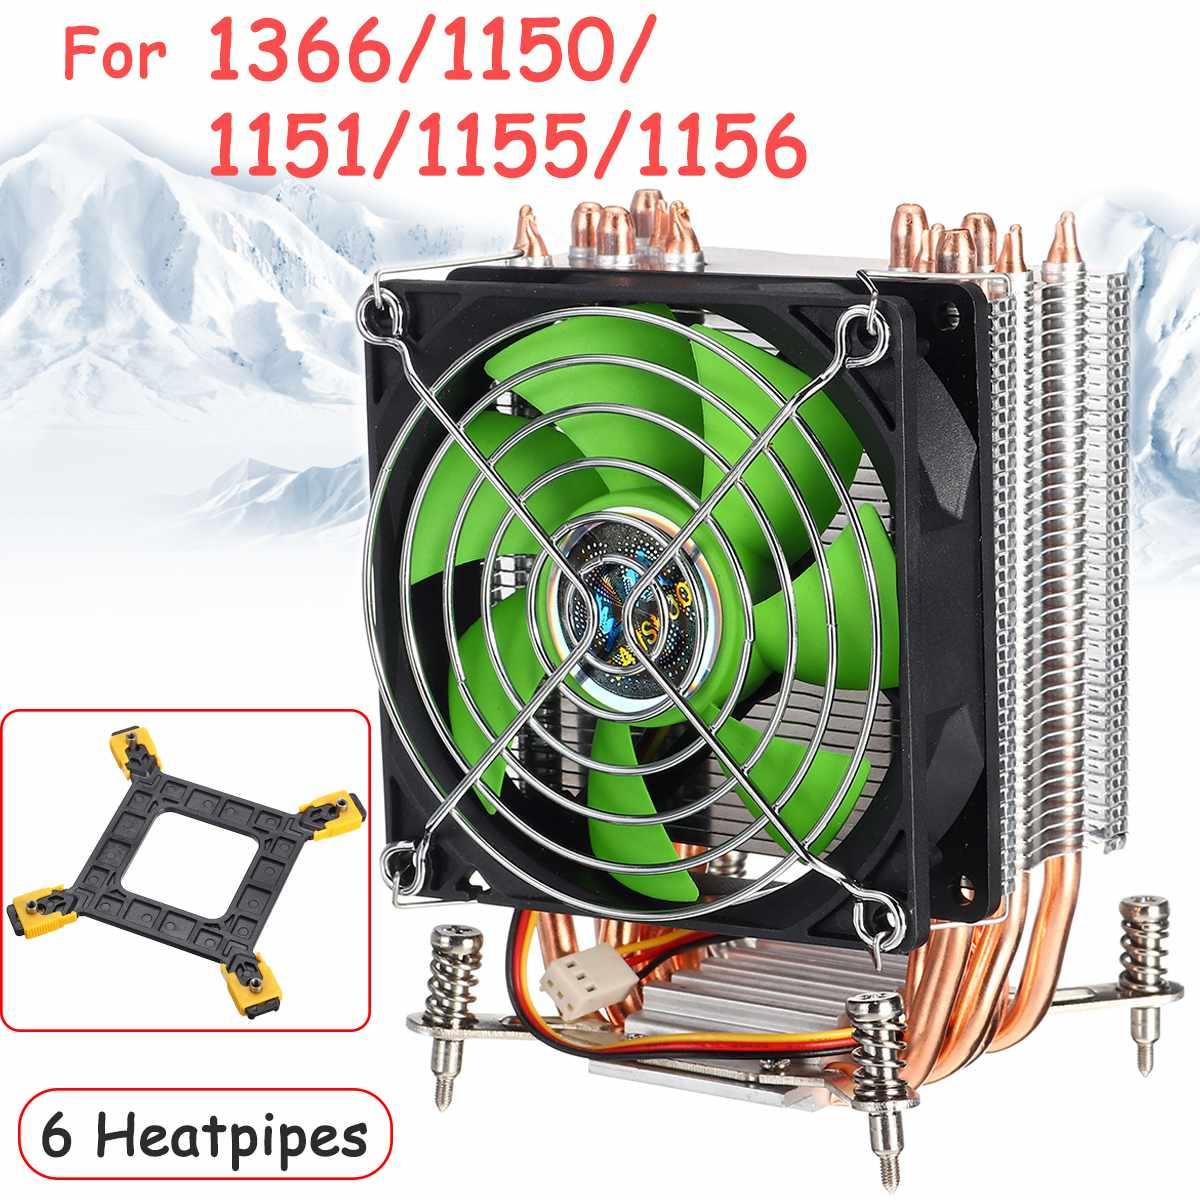 3Pin 6 tubos de calor ordenador CPU enfriador de refrigeración 90cm ventilador de refrigeración radiador disipador de calor refrigerador para reproductor de juegos de placa base 115X1366